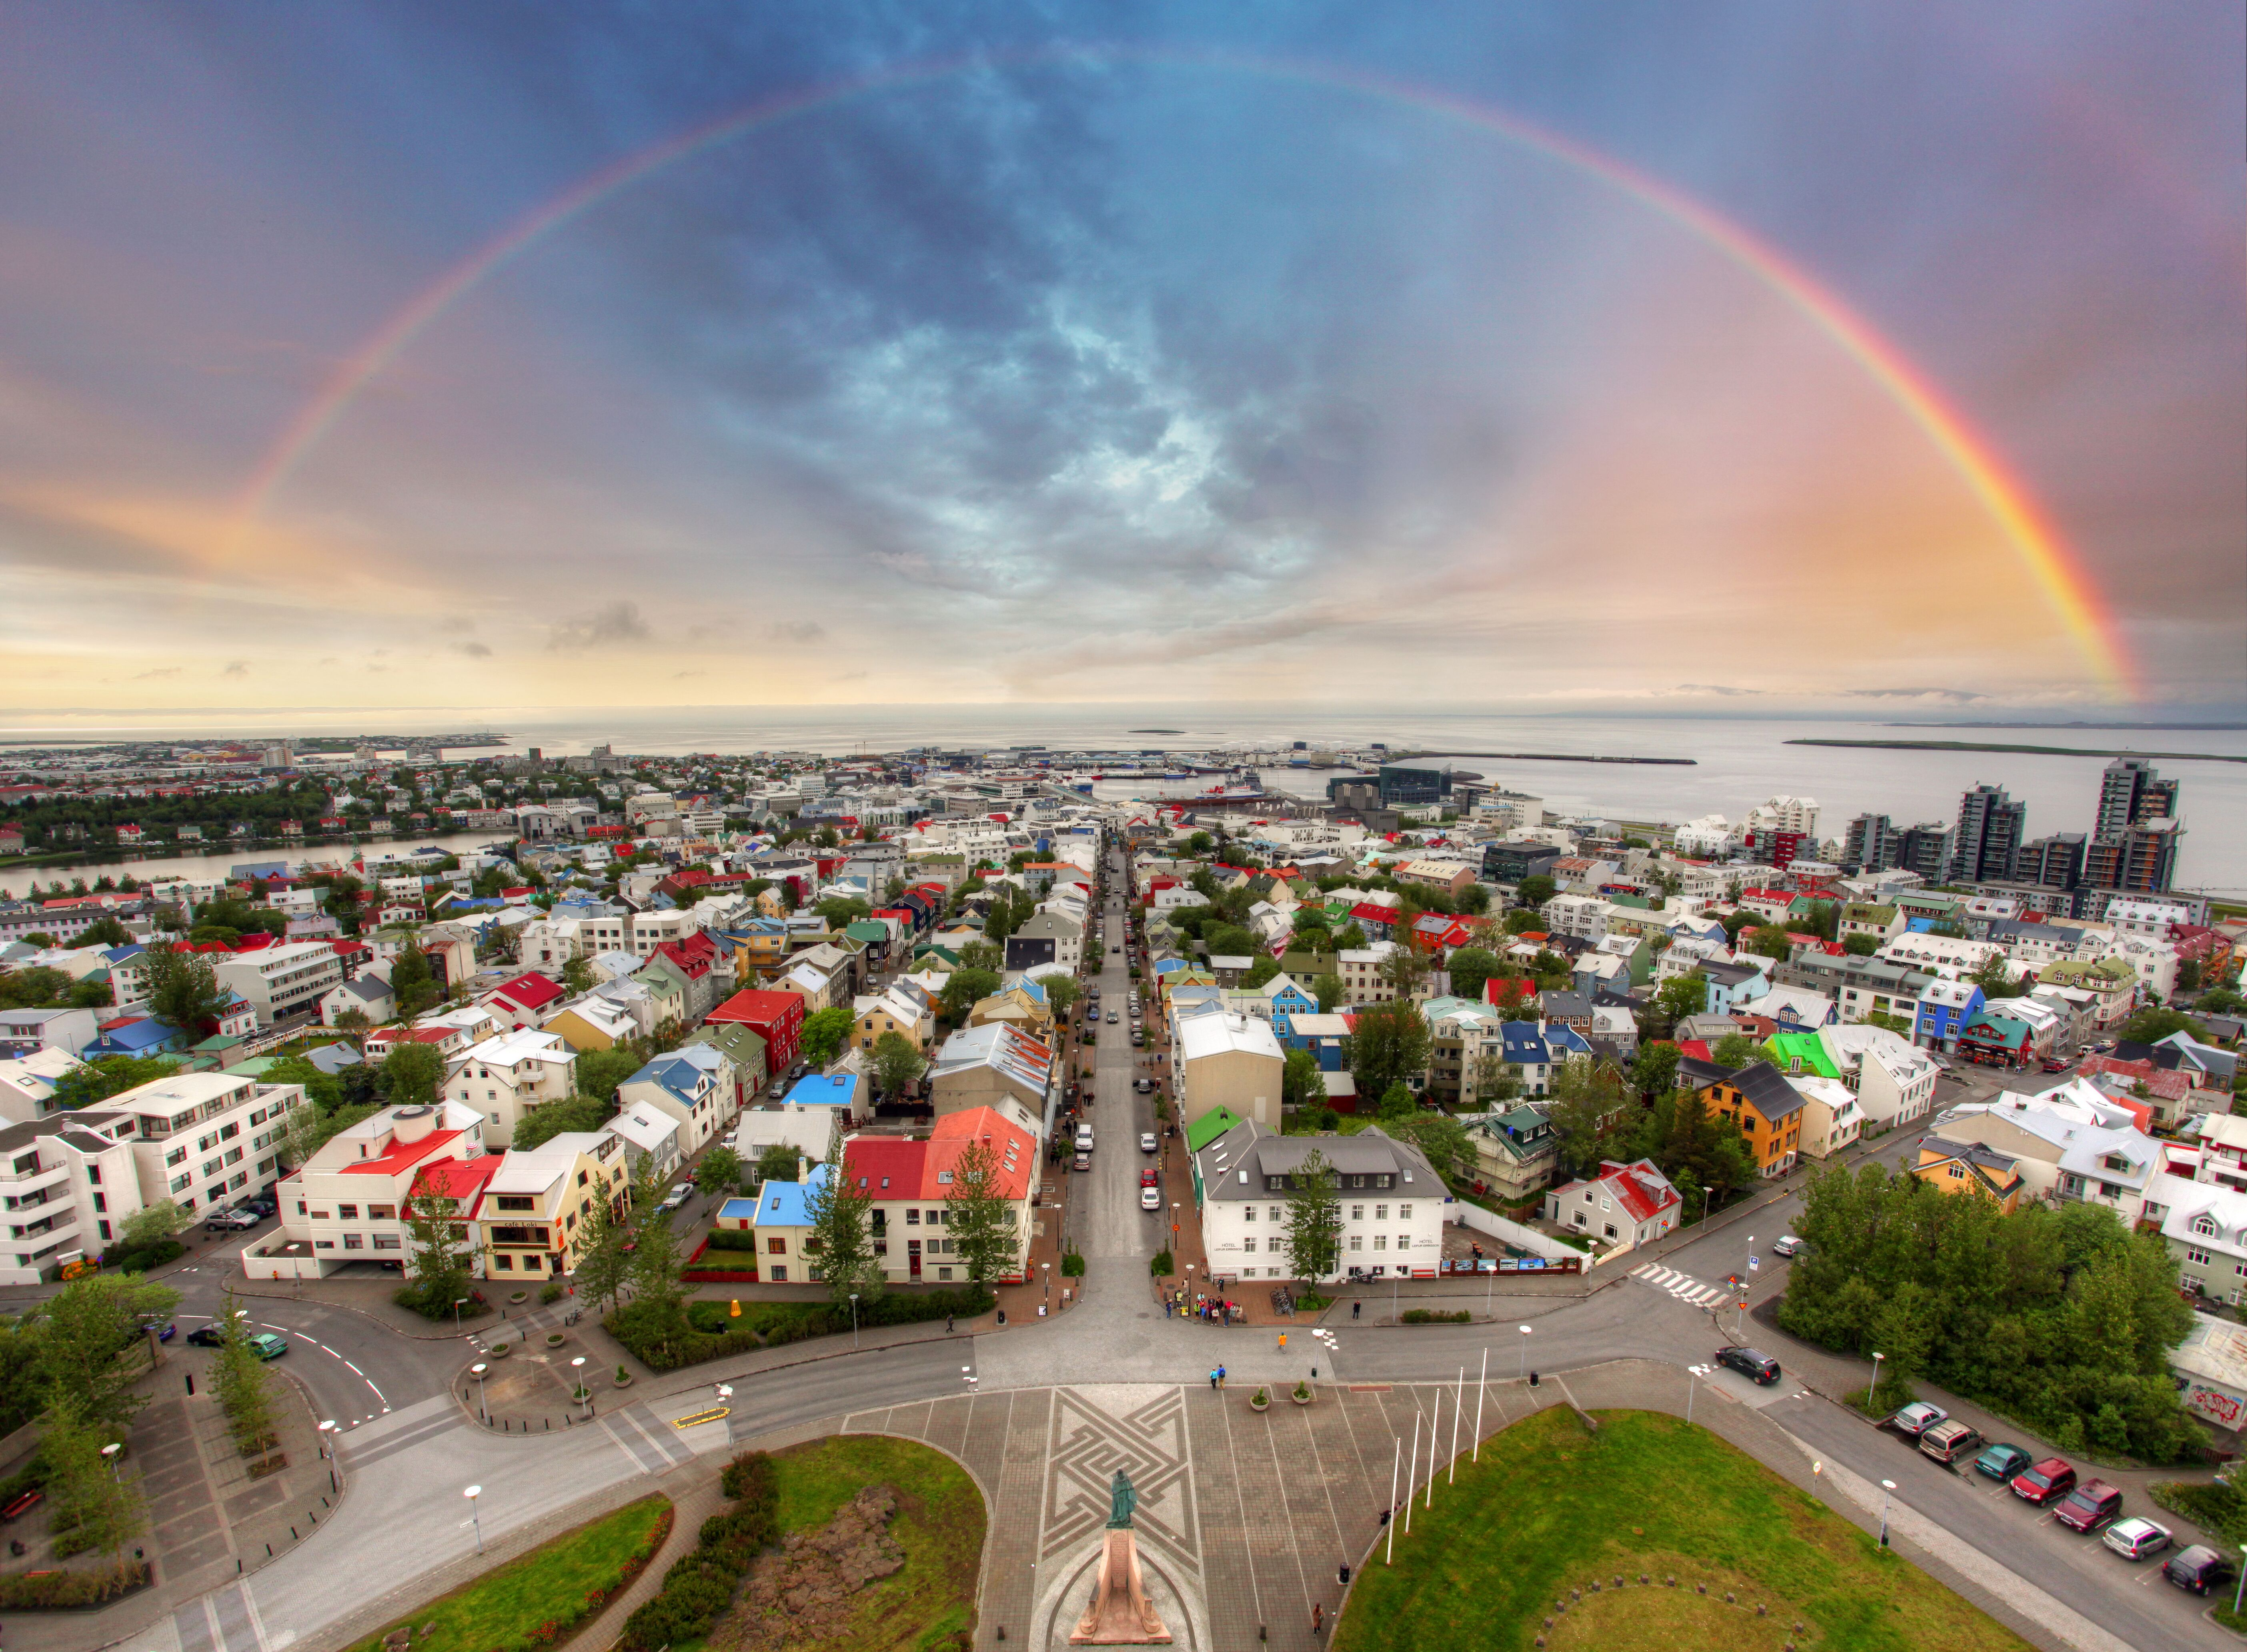 从冰岛首都景点哈尔格林姆斯大教堂(Hallgrímskirkja)俯瞰雷克雅未克彩色的小屋房顶以及悬挂在高空的彩虹